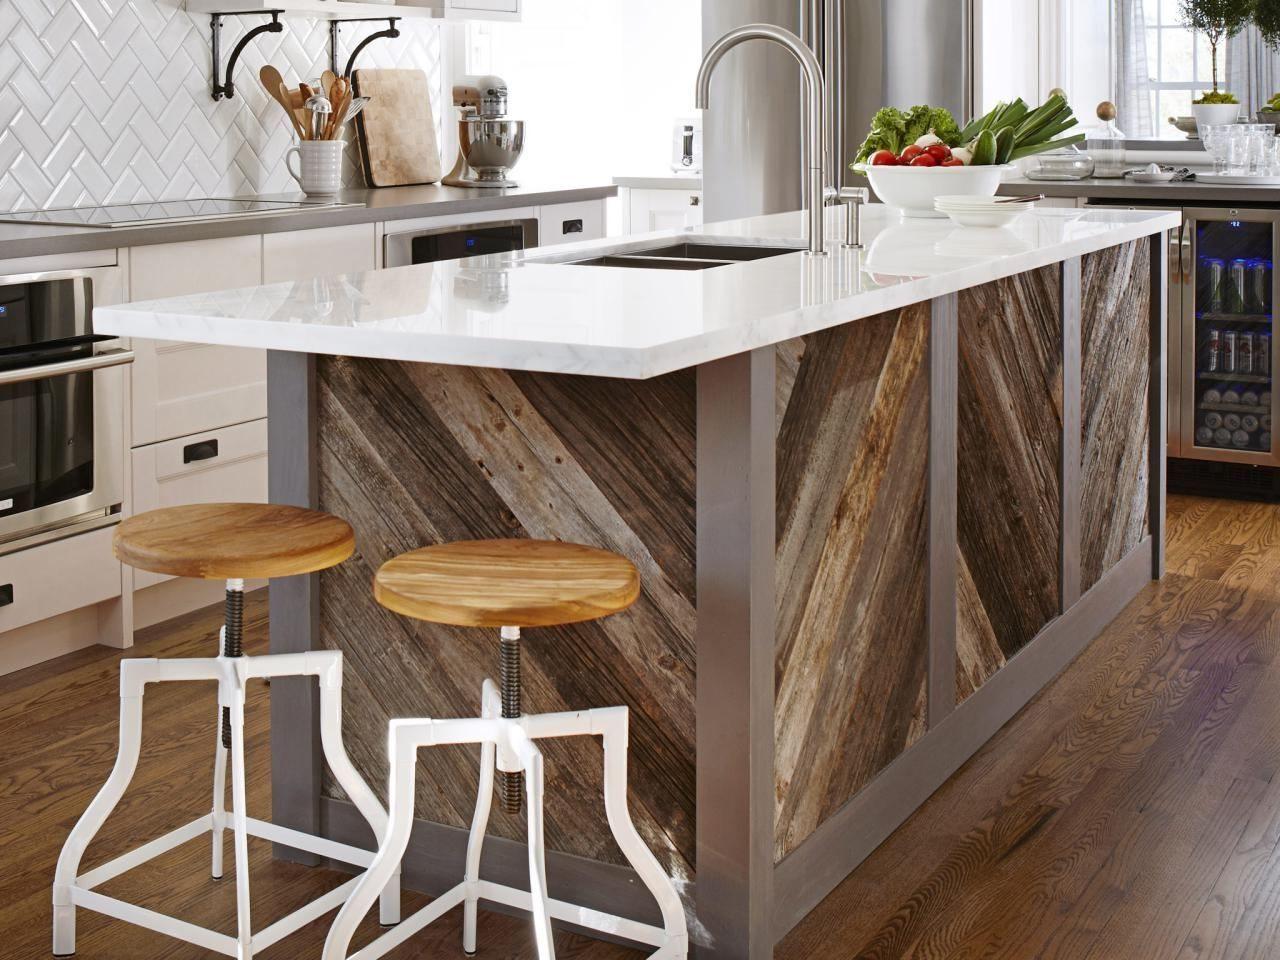 Wyspa Kuchenna W Zamknietej Kuchni Jakie Wymiary Learning From Hollywood Kitchen Island With Sink Kitchen Island With Sink And Dishwasher Rustic Kitchen Island